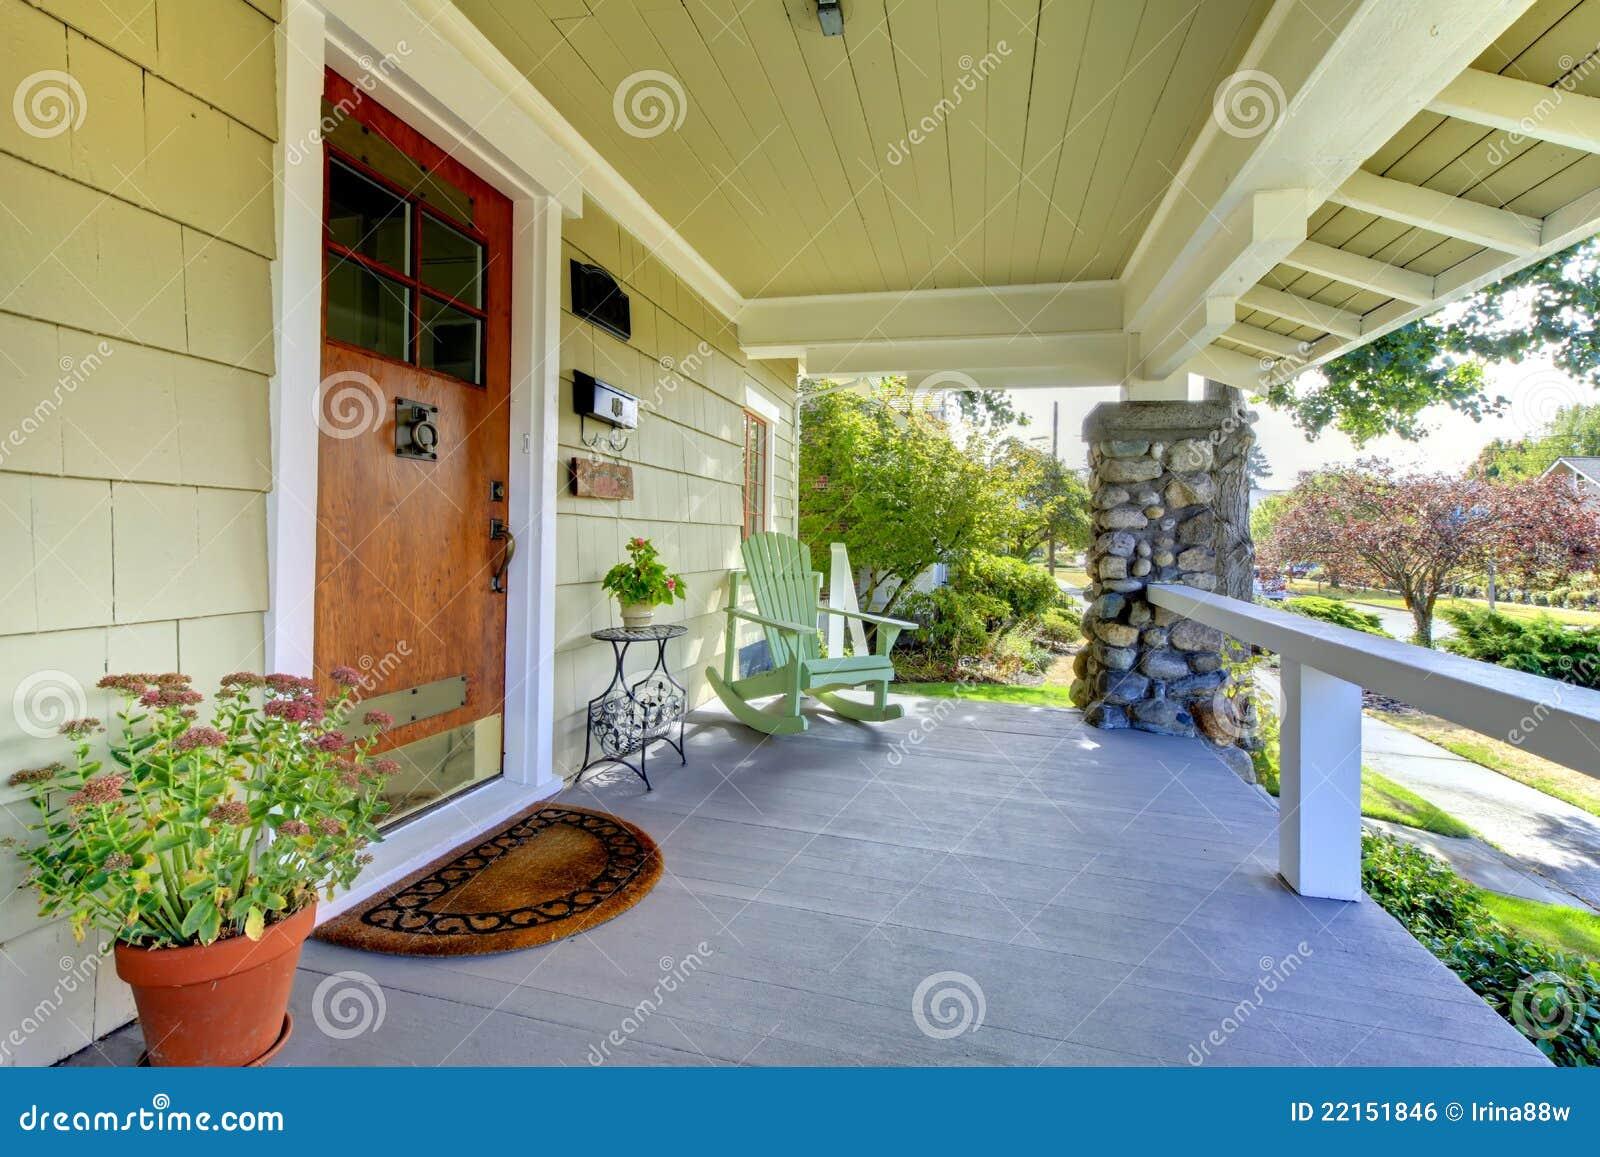 Image Result For House Plan Craftsman